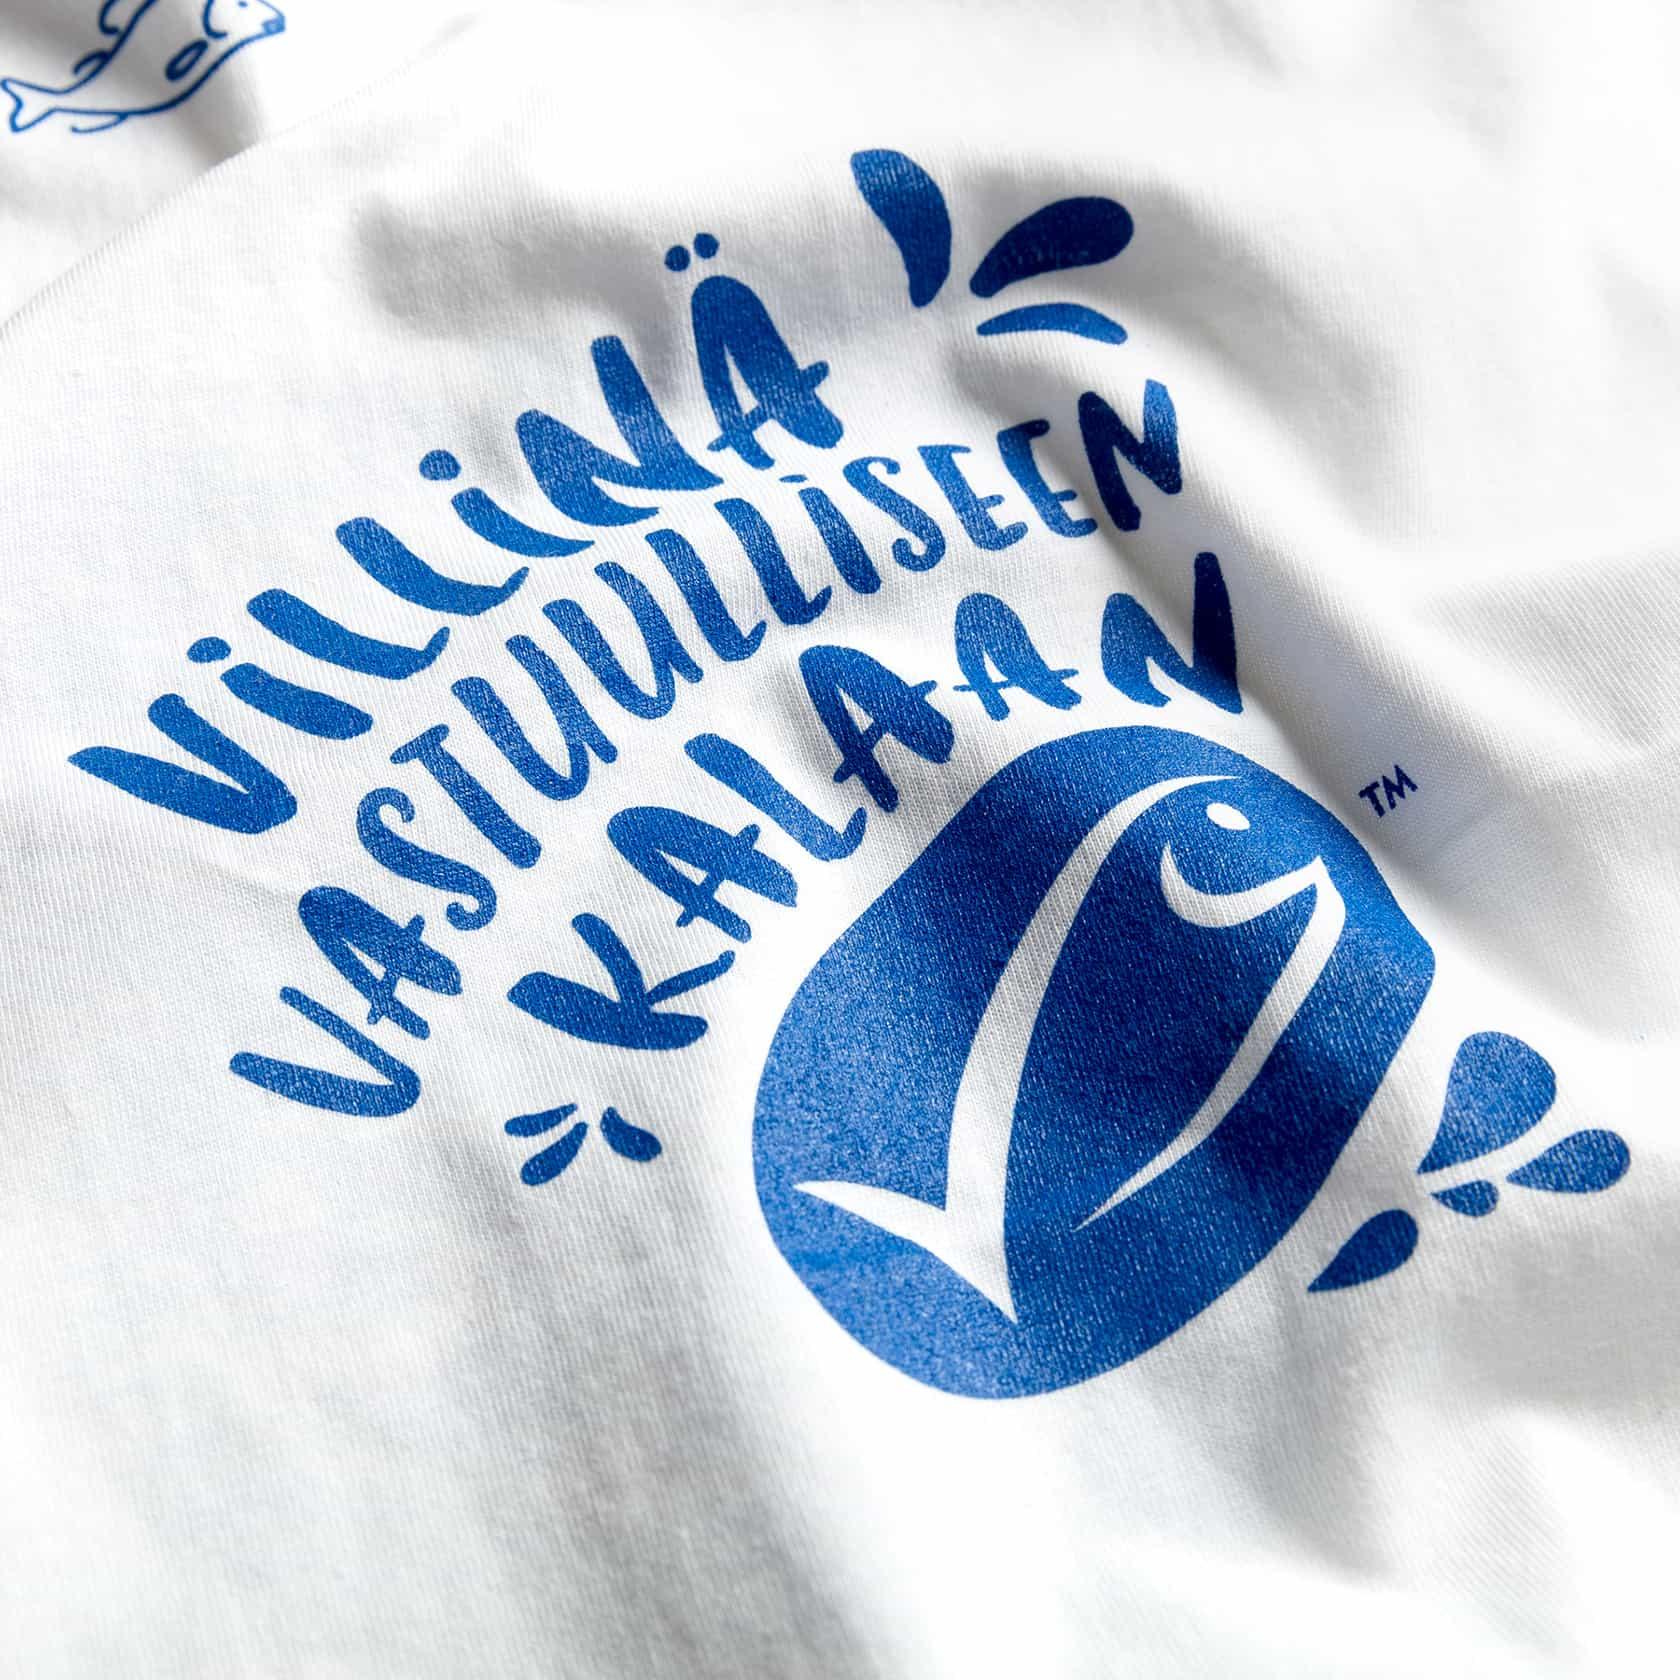 MSC, valkoinen t-paita ja sininen painatus